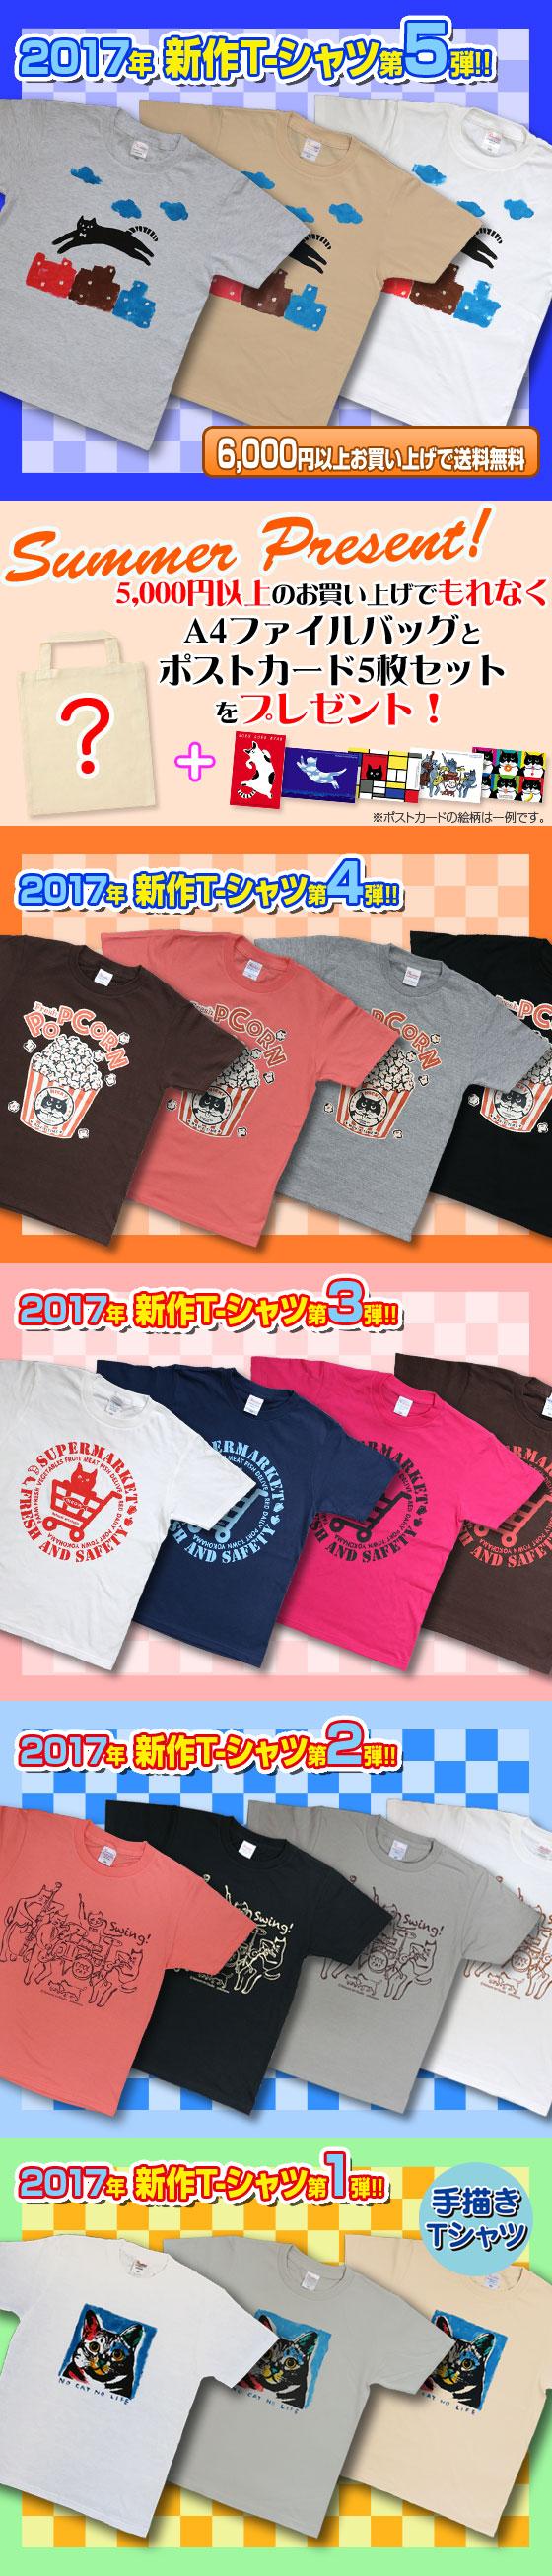 2017年新作Tシャツ第5弾!2017年サマープレゼント実施中!